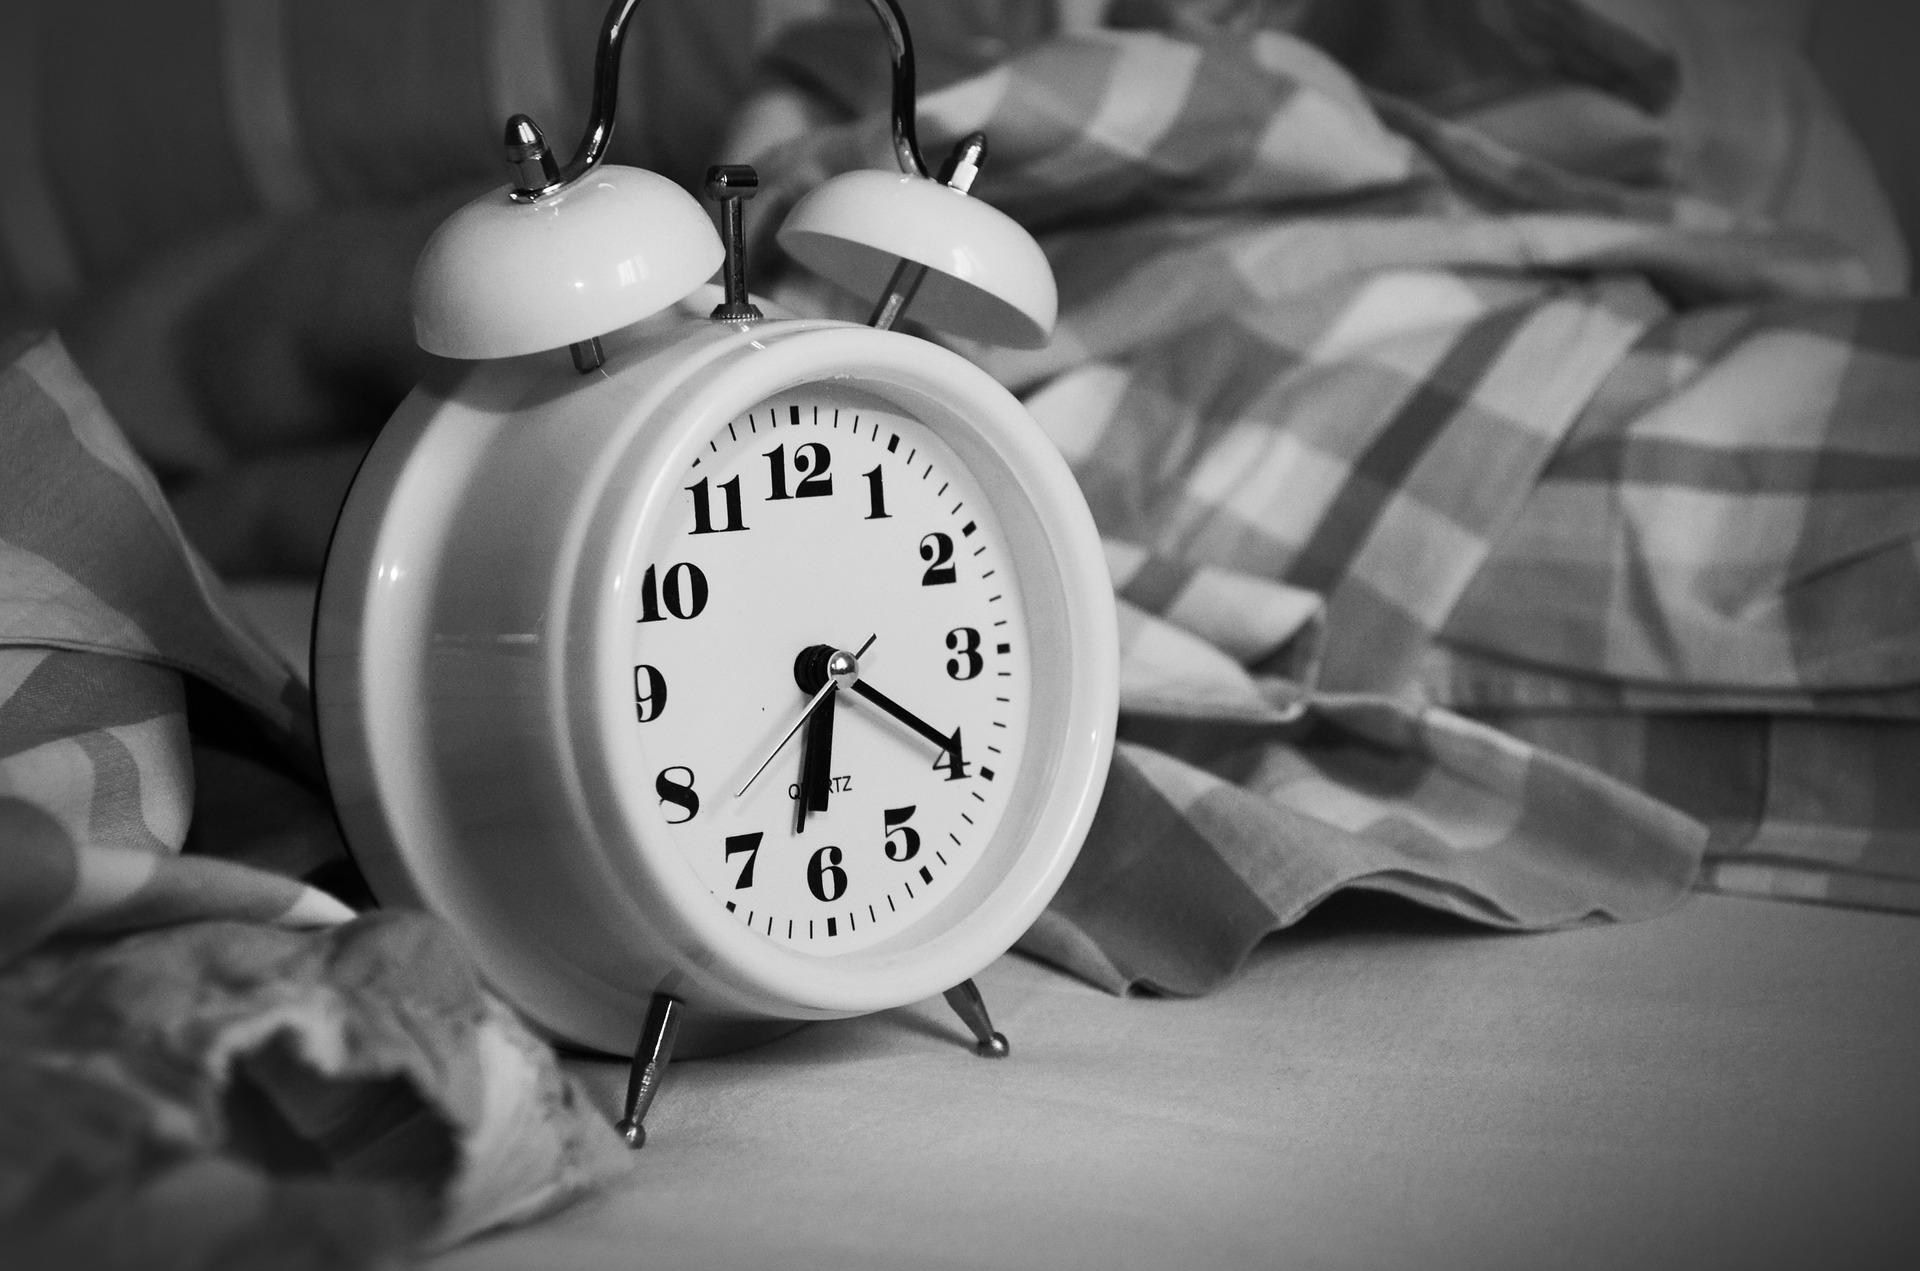 alarm-clock-1193291_1920jpg